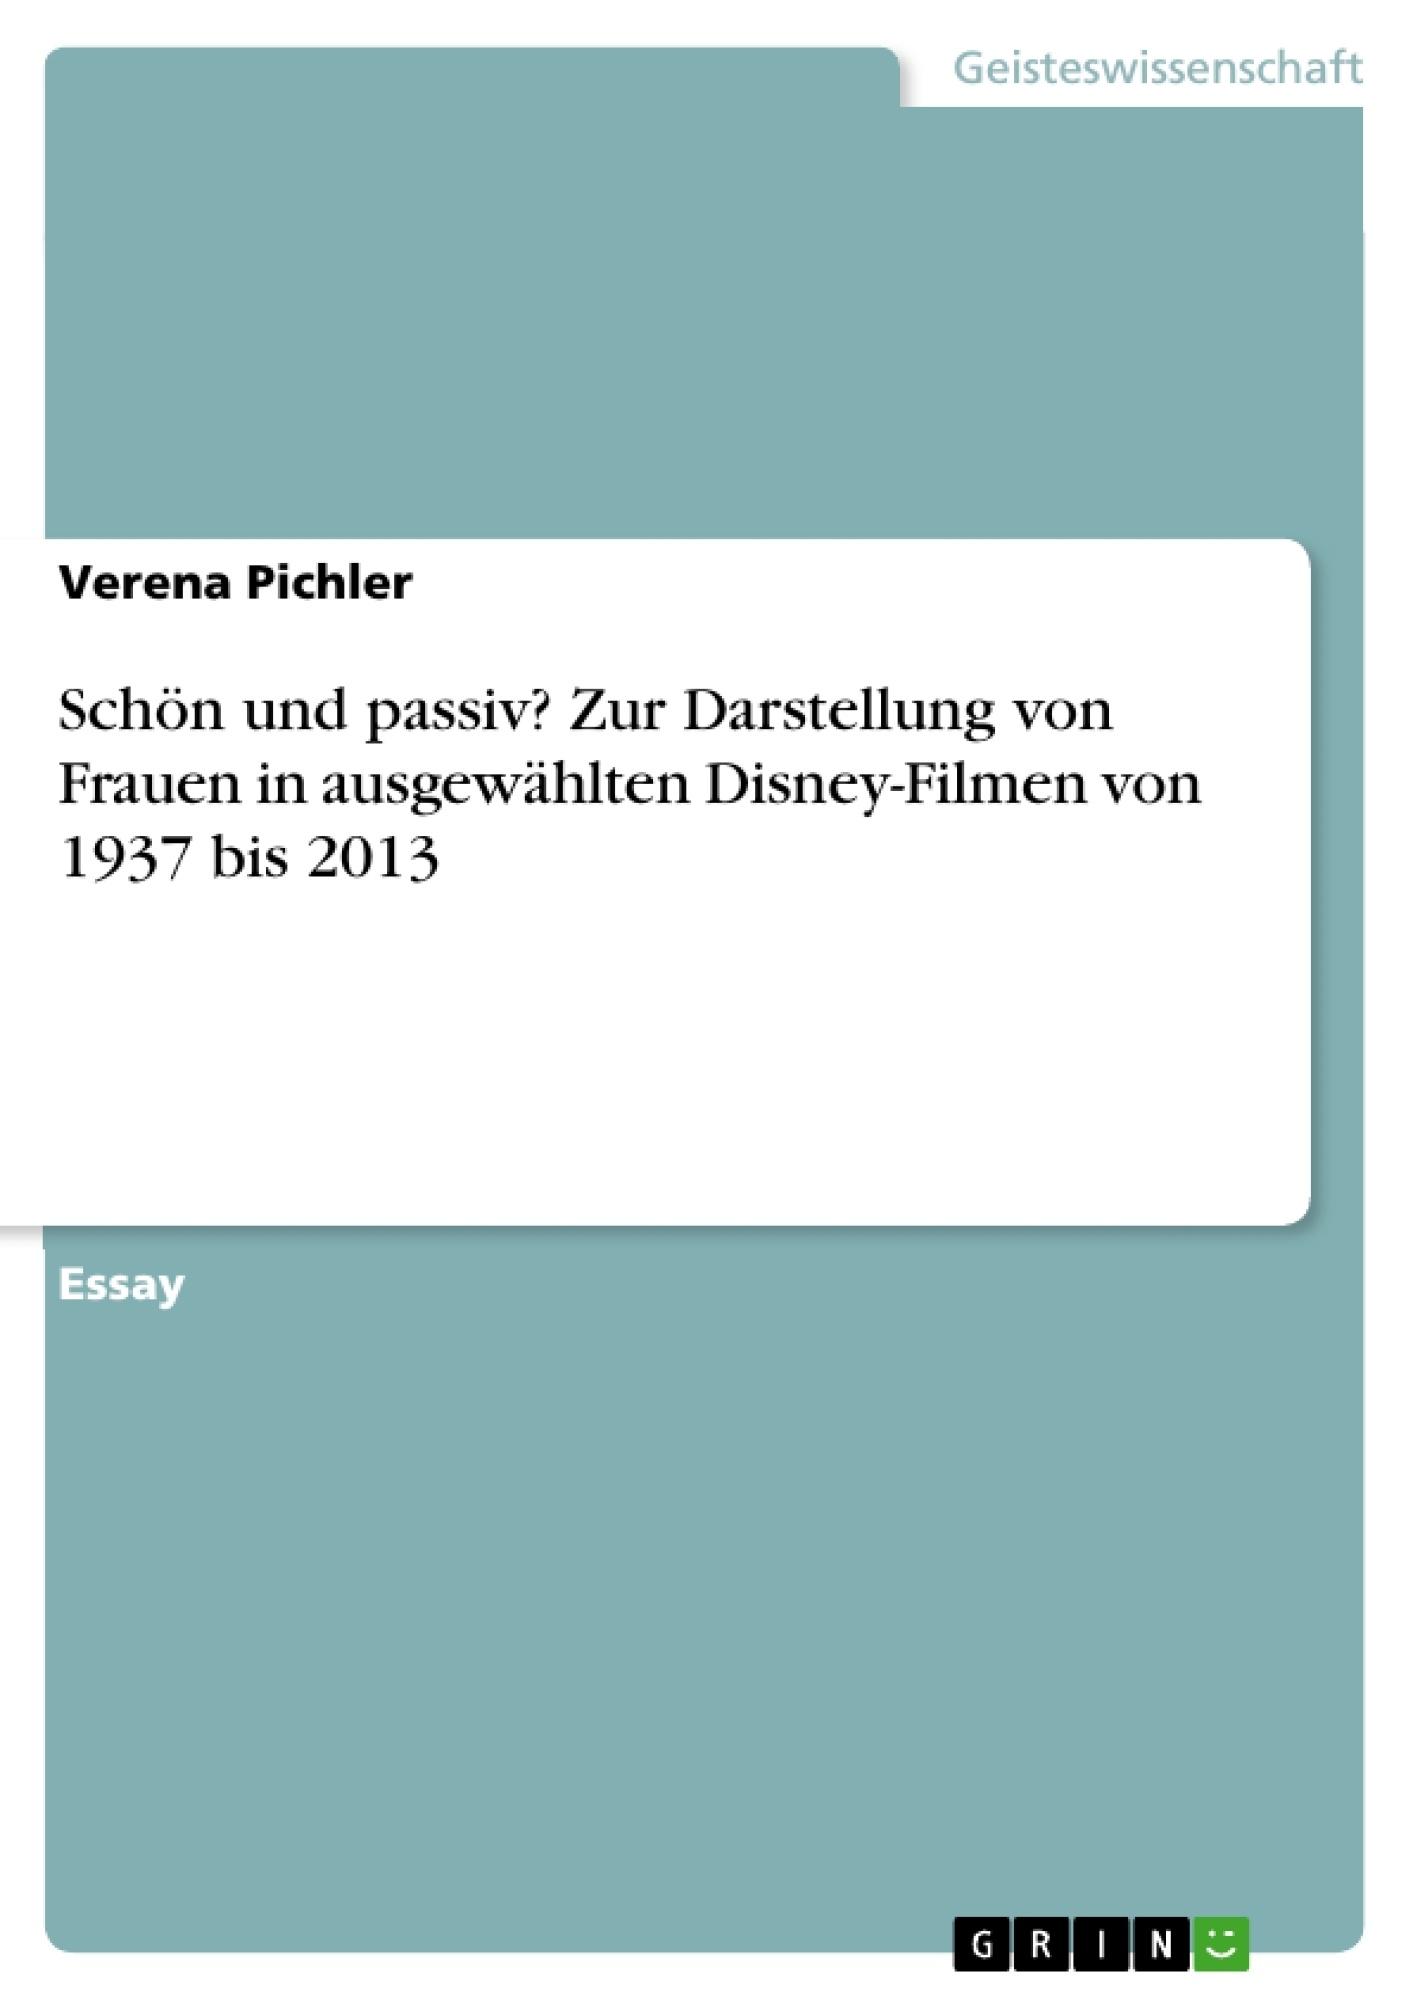 Titel: Schön und passiv? Zur Darstellung von Frauen in ausgewählten Disney-Filmen von 1937 bis 2013